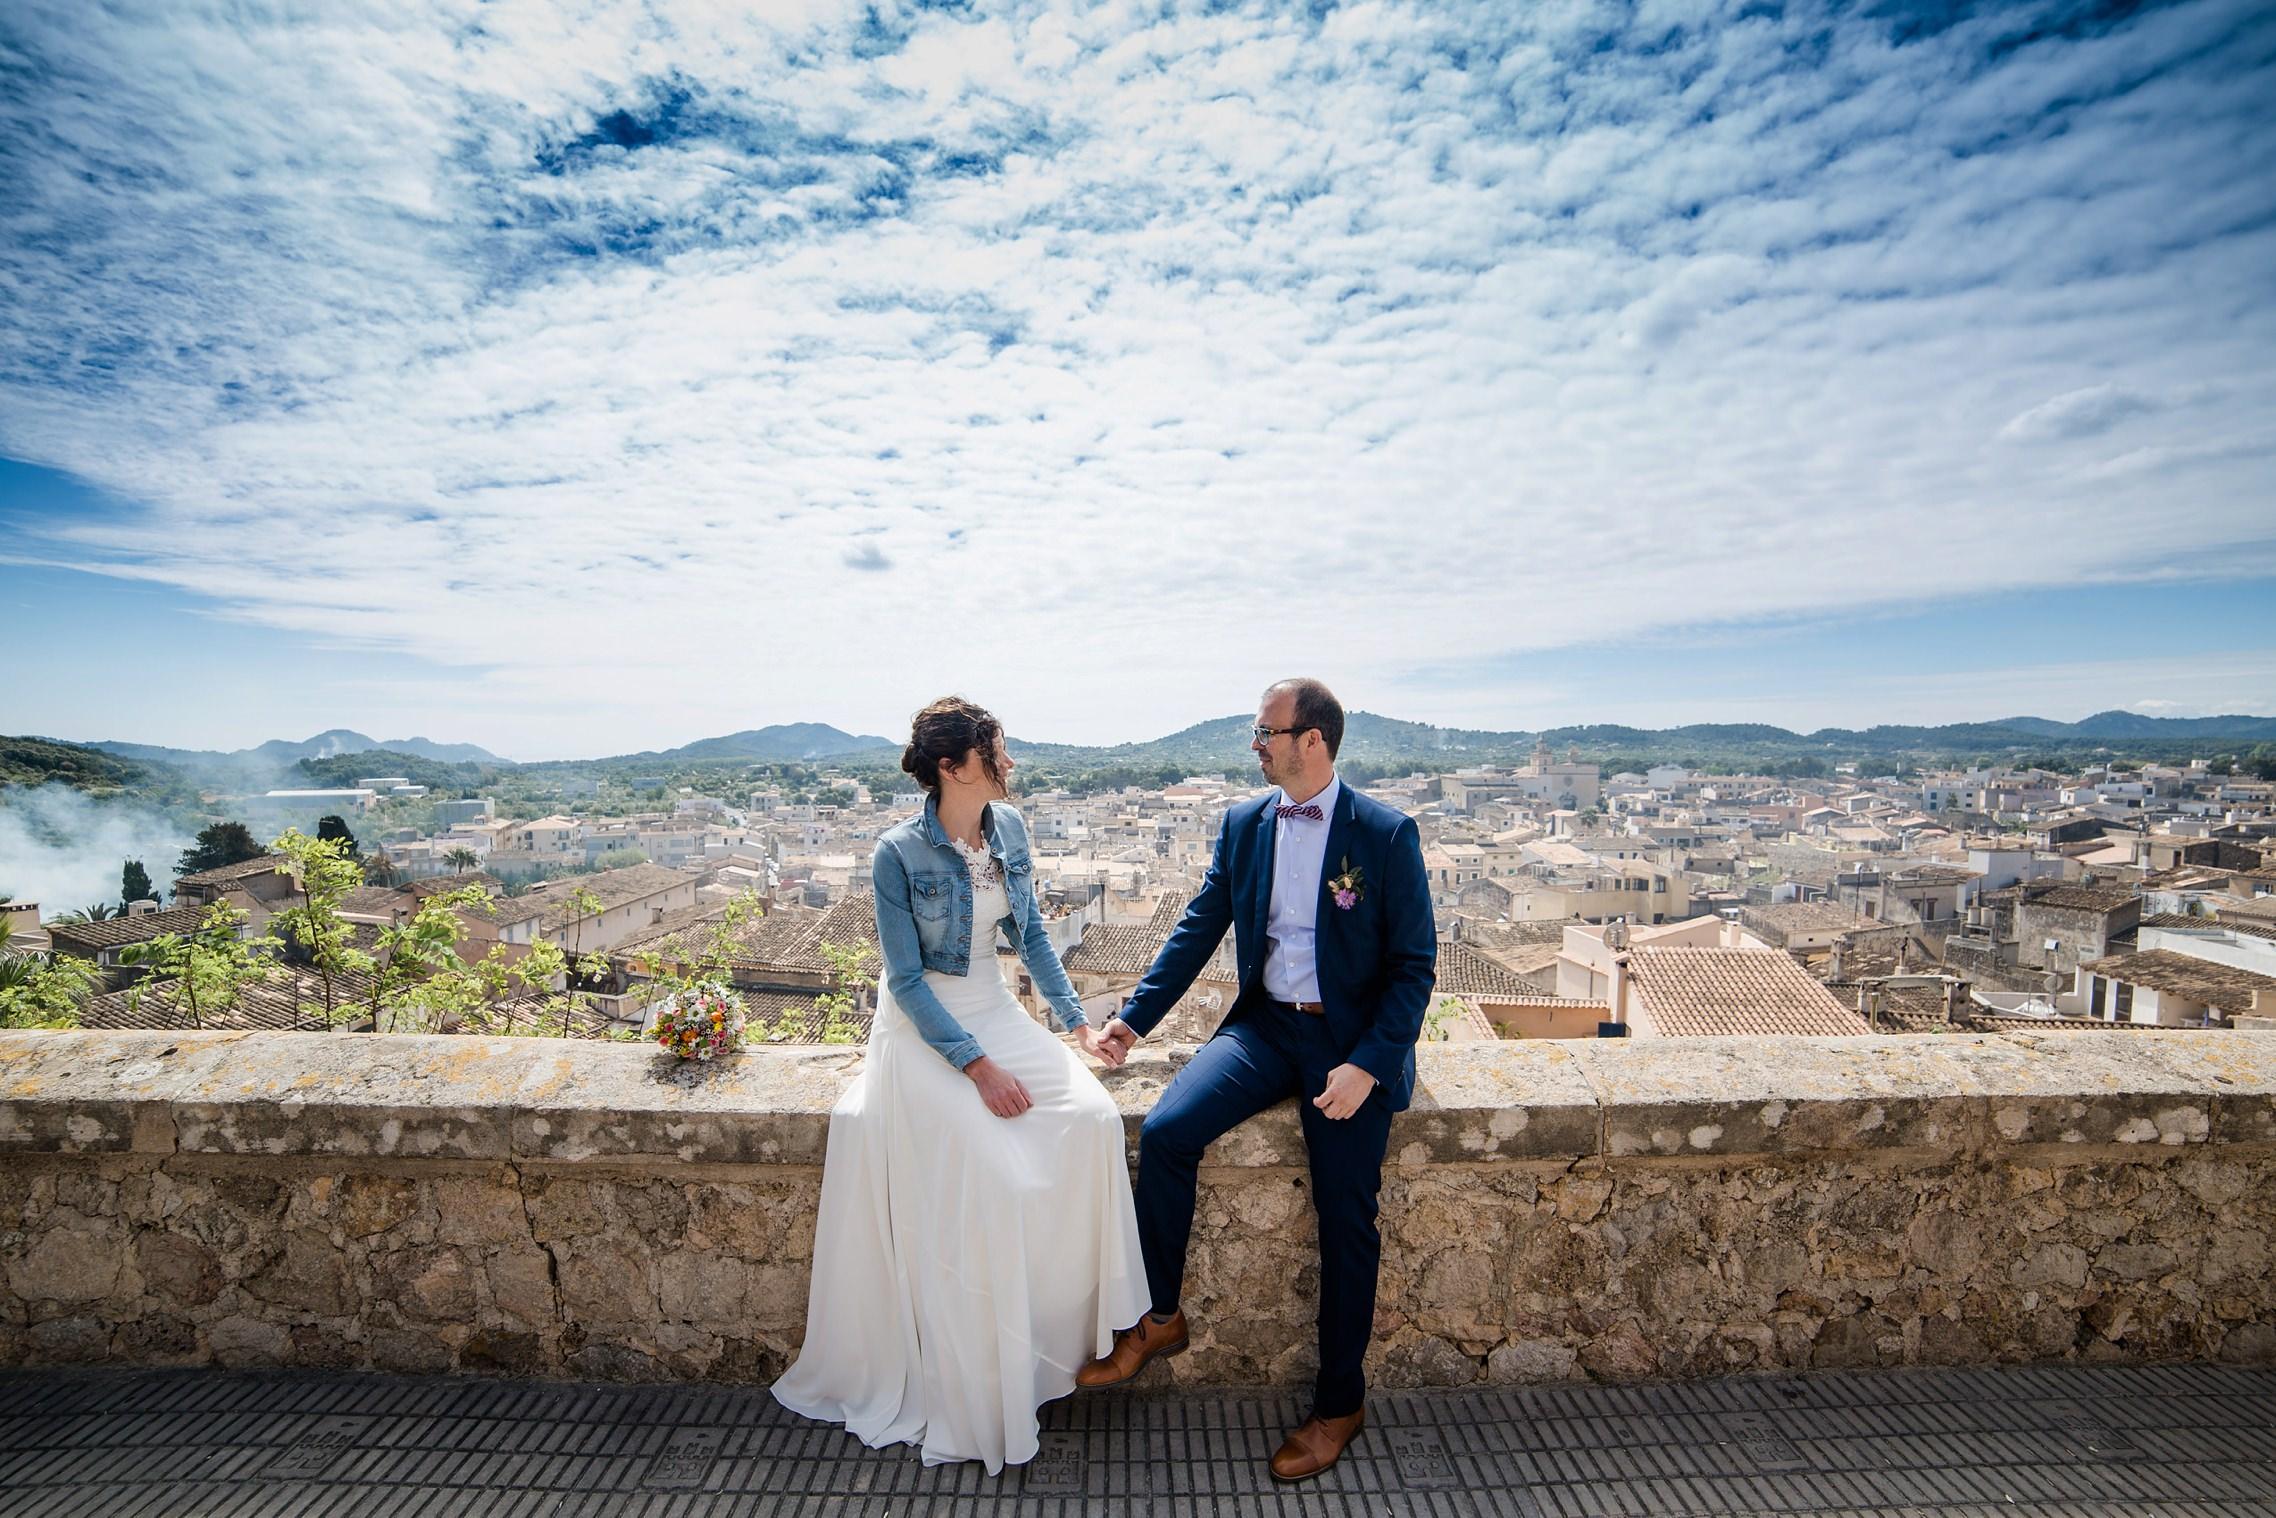 Ein verliebtes Brautpaar schaut sich in die Augen über den Dächern von Artá auf Mallorca